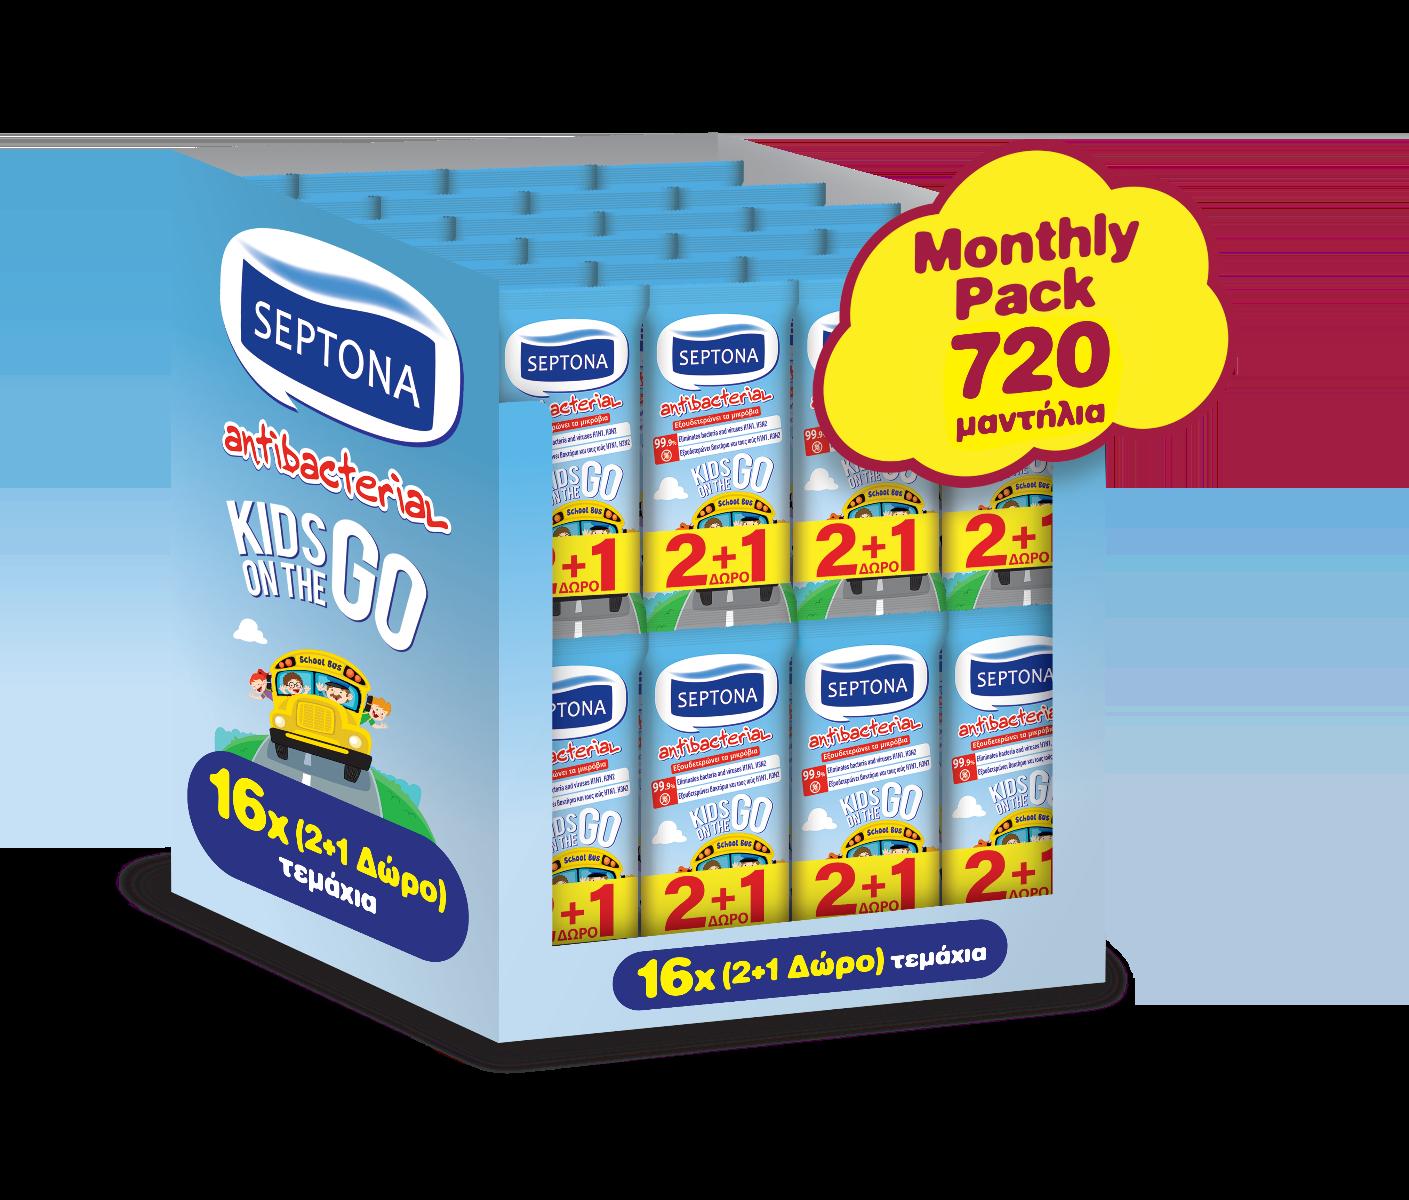 Septona Kids On The Go Super Pack 48*15τμχ (720 μαντήλια)